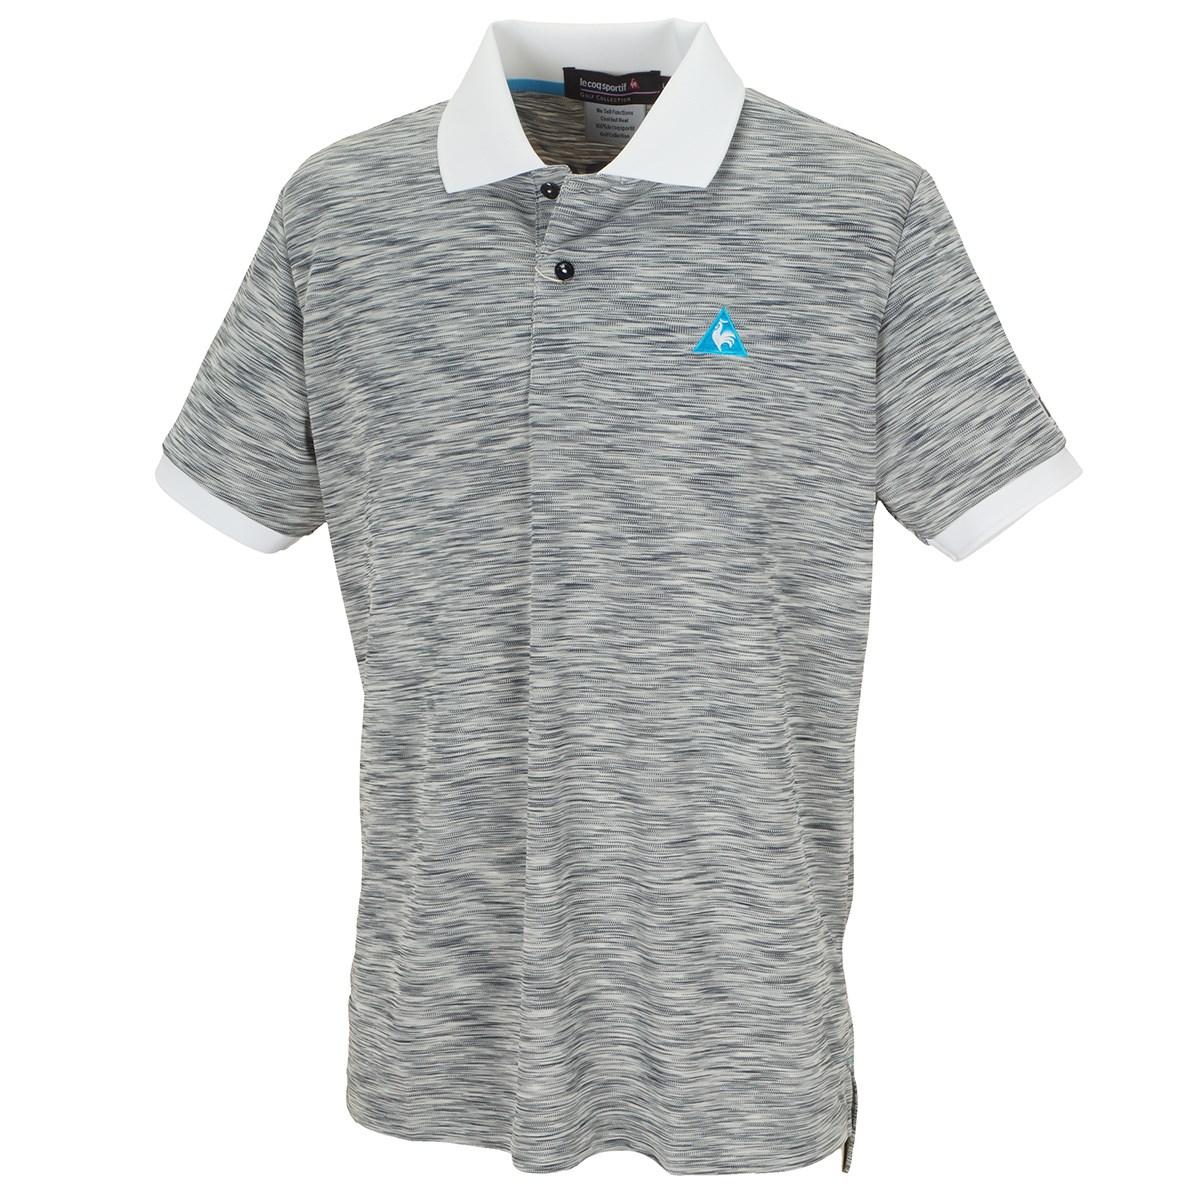 ルコックゴルフ マルチカラーメランジバックプリント半袖ポロシャツ